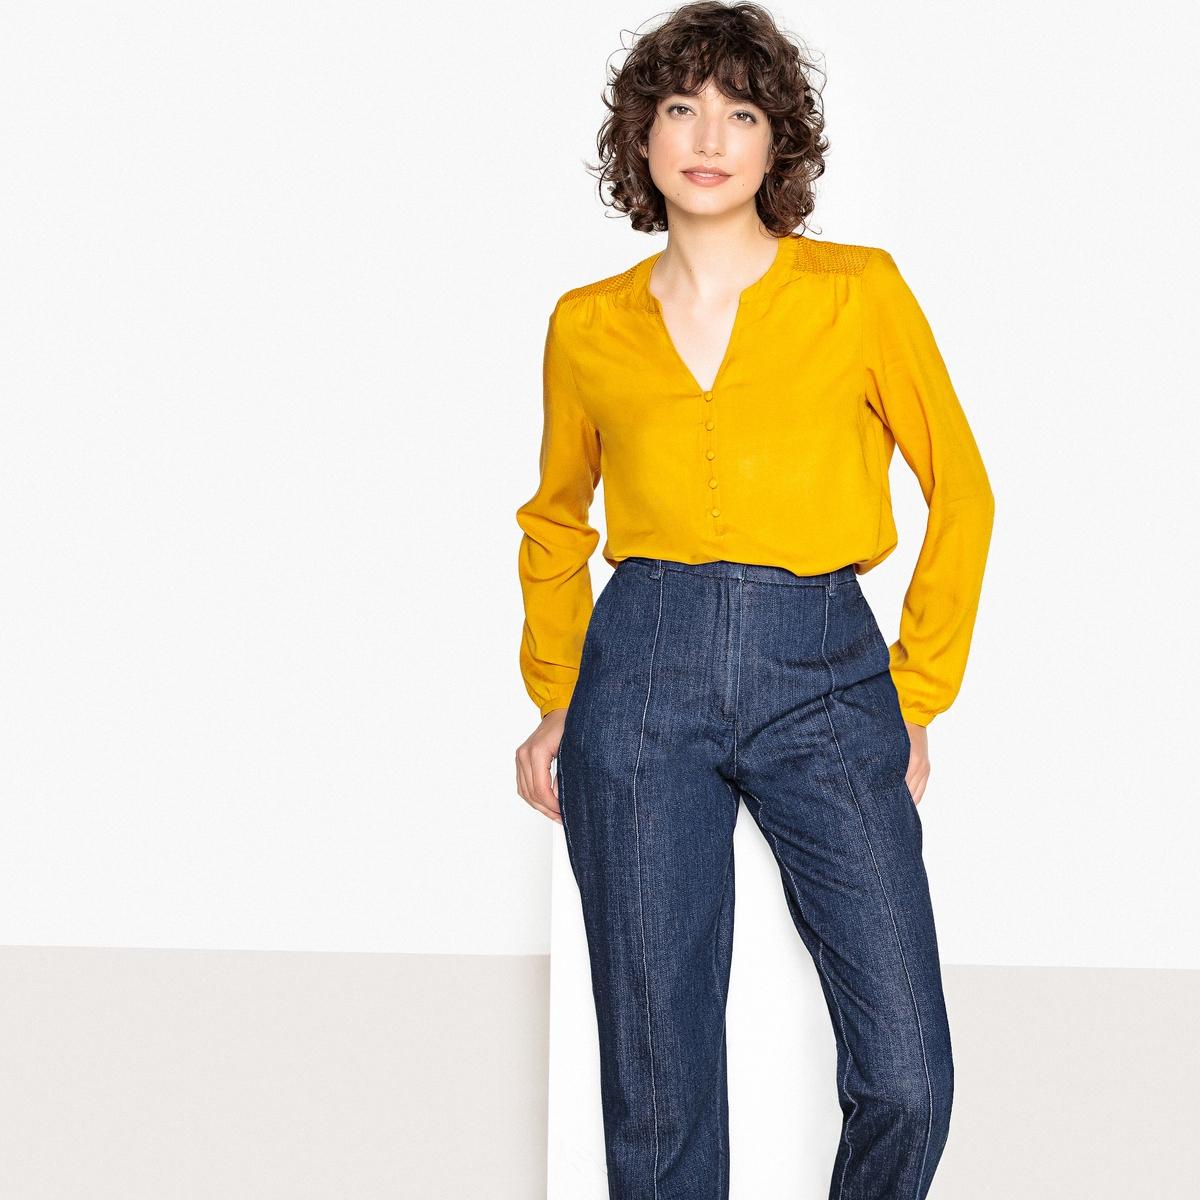 Блузка с круглым вырезом с разрезом спереди, ажурной спинкой и длинными рукавами футболка с круглым вырезом с разрезом спереди и длинными рукавами